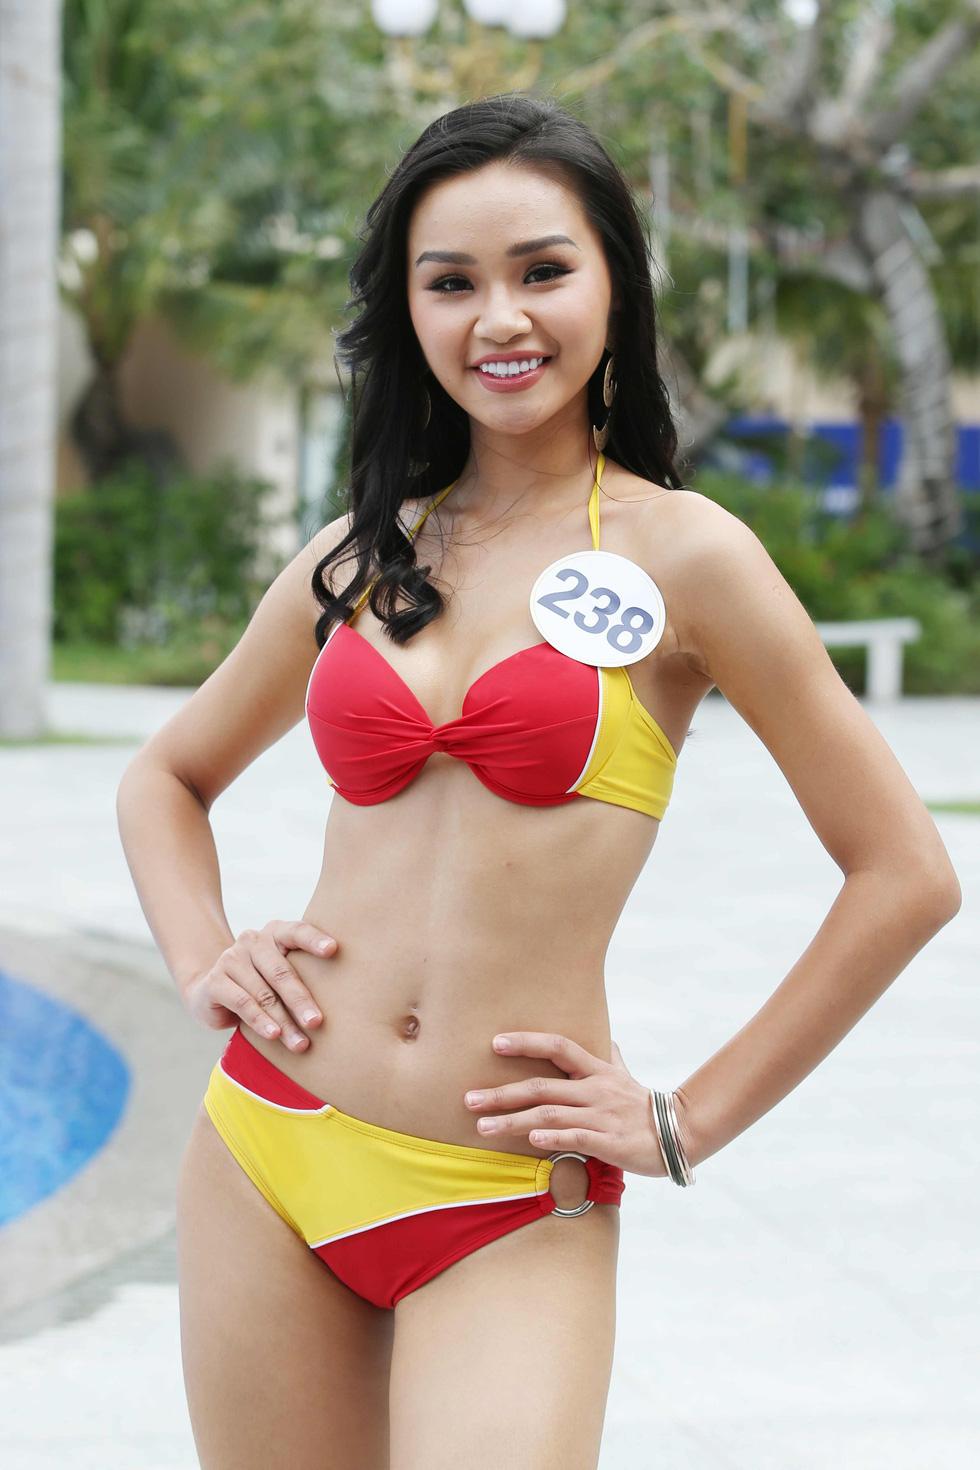 Thí sinh Hoa hậu Hoàn vũ VN trình diễn bikini nóng bỏng - Ảnh 6.